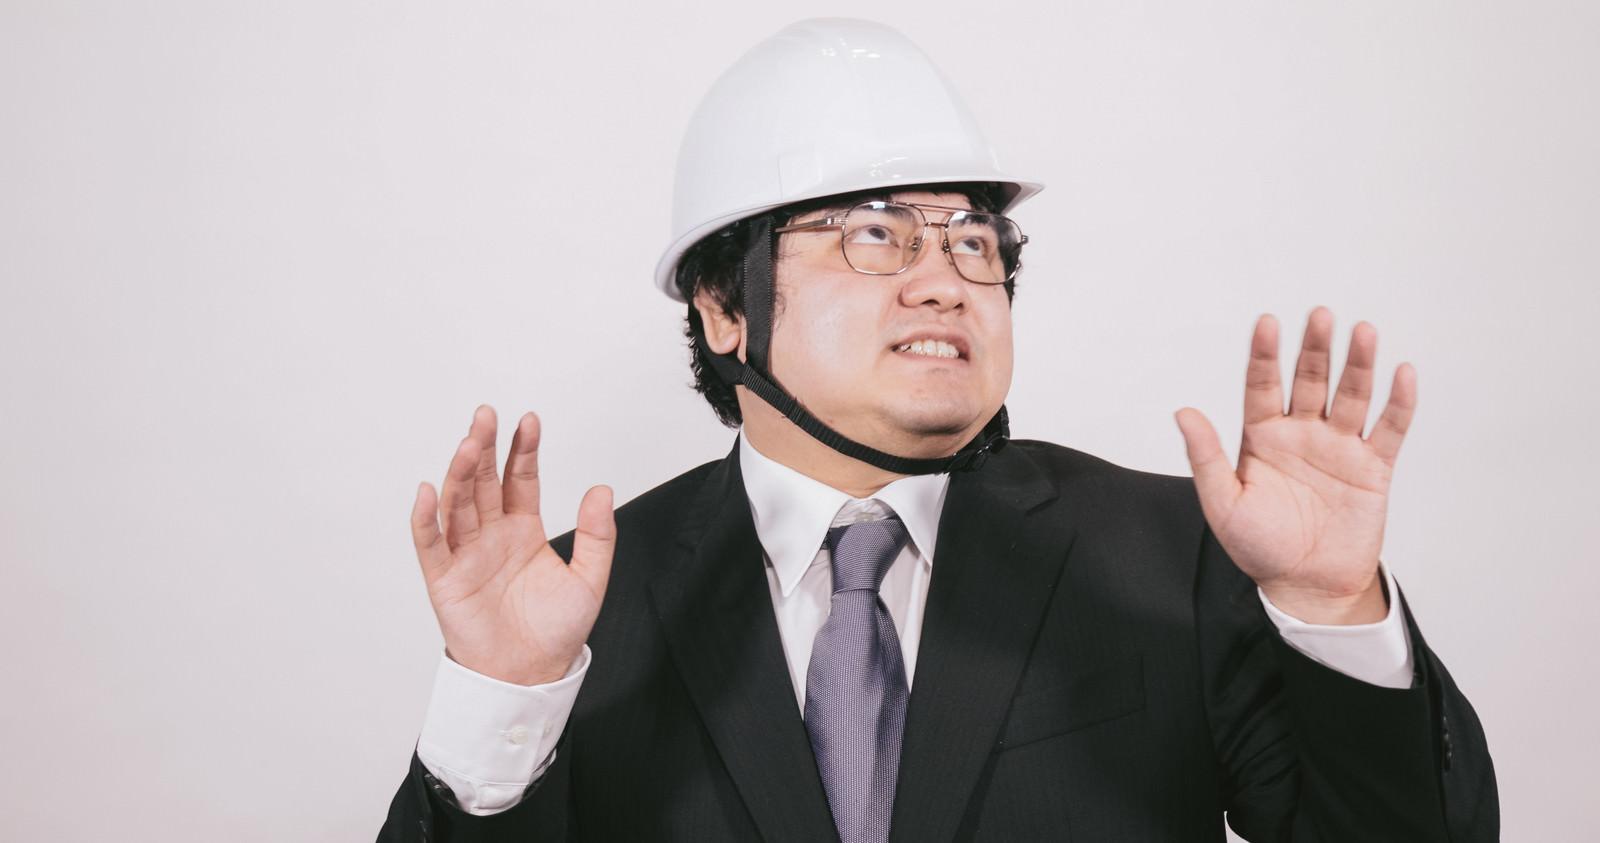 「ヘルメットを着用して安全に備えるビジネスマン」の写真[モデル:段田隼人]